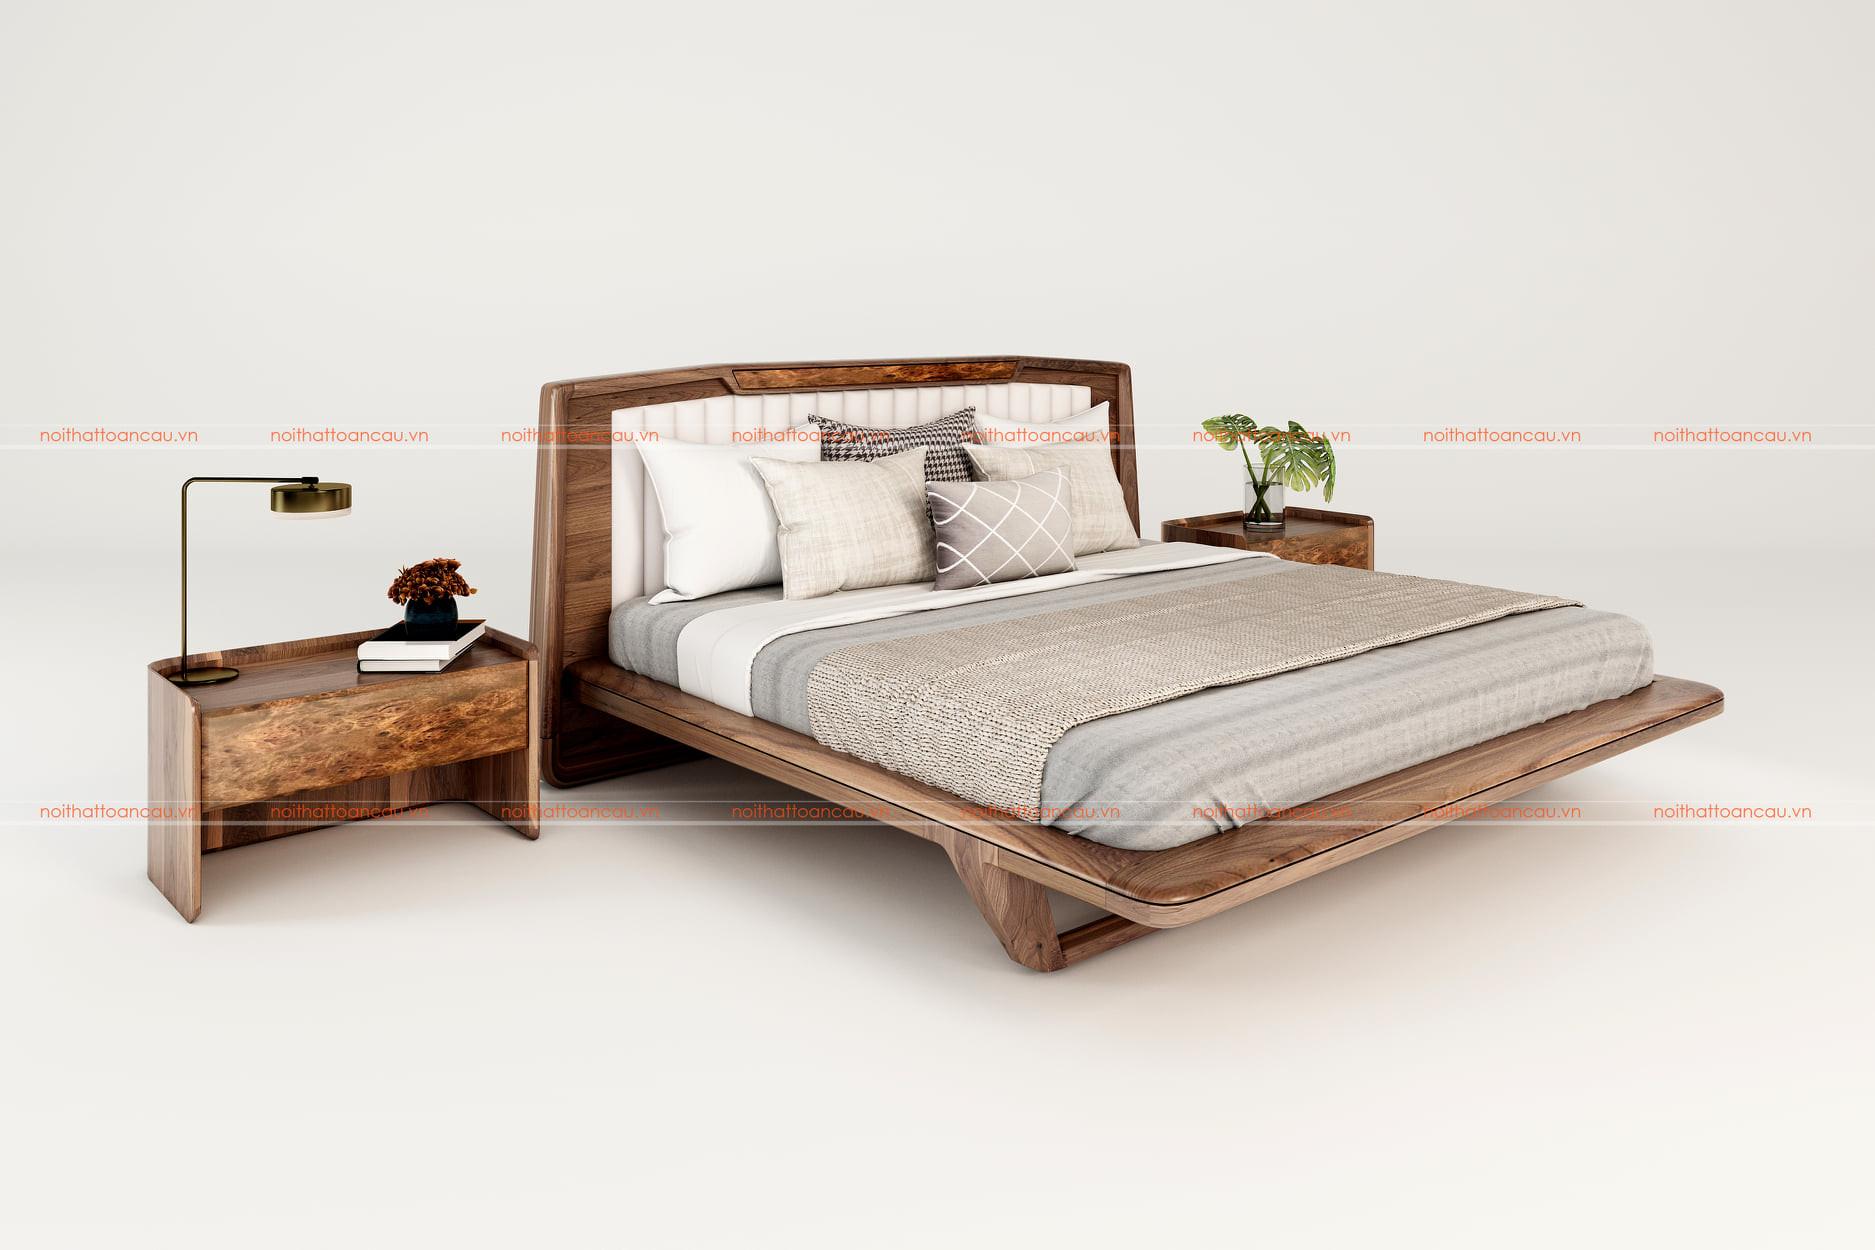 Giường gỗ óc chó hiện đại 1170 b